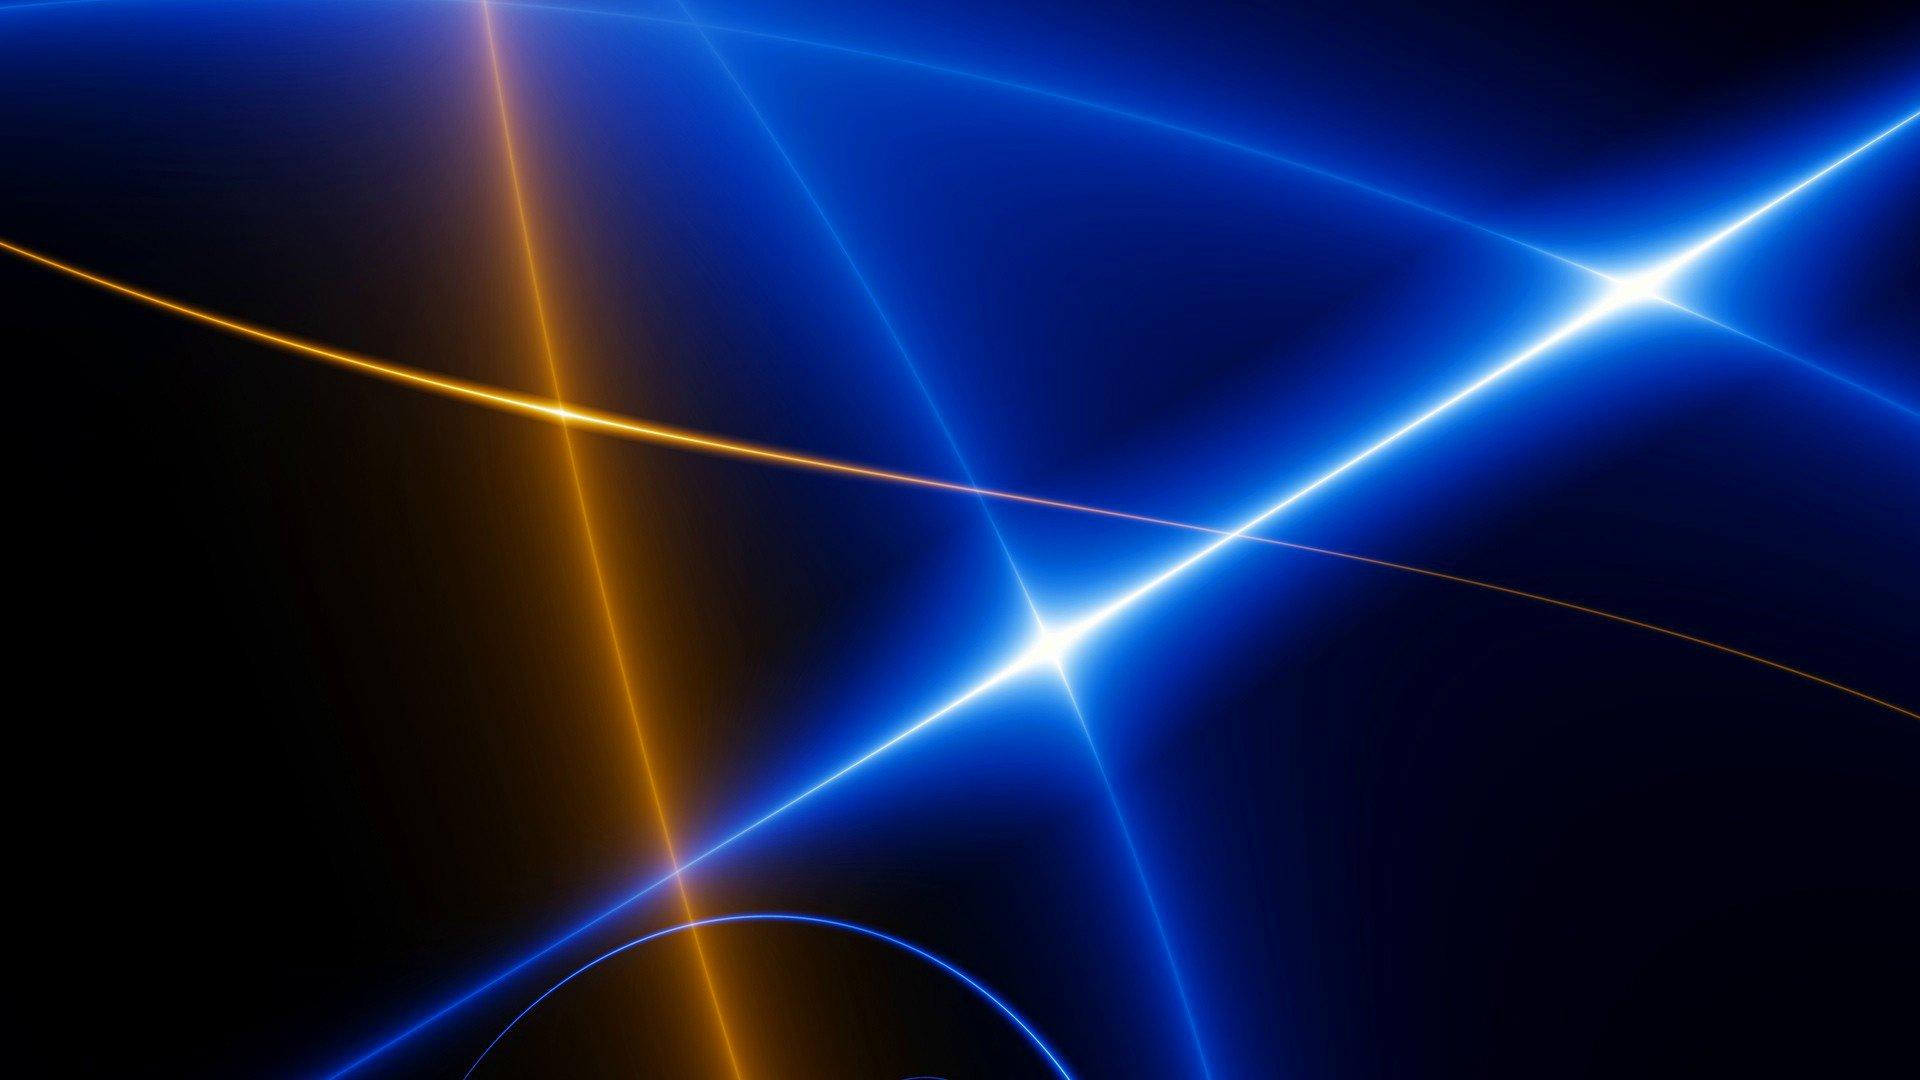 линии свет цветные на телефон